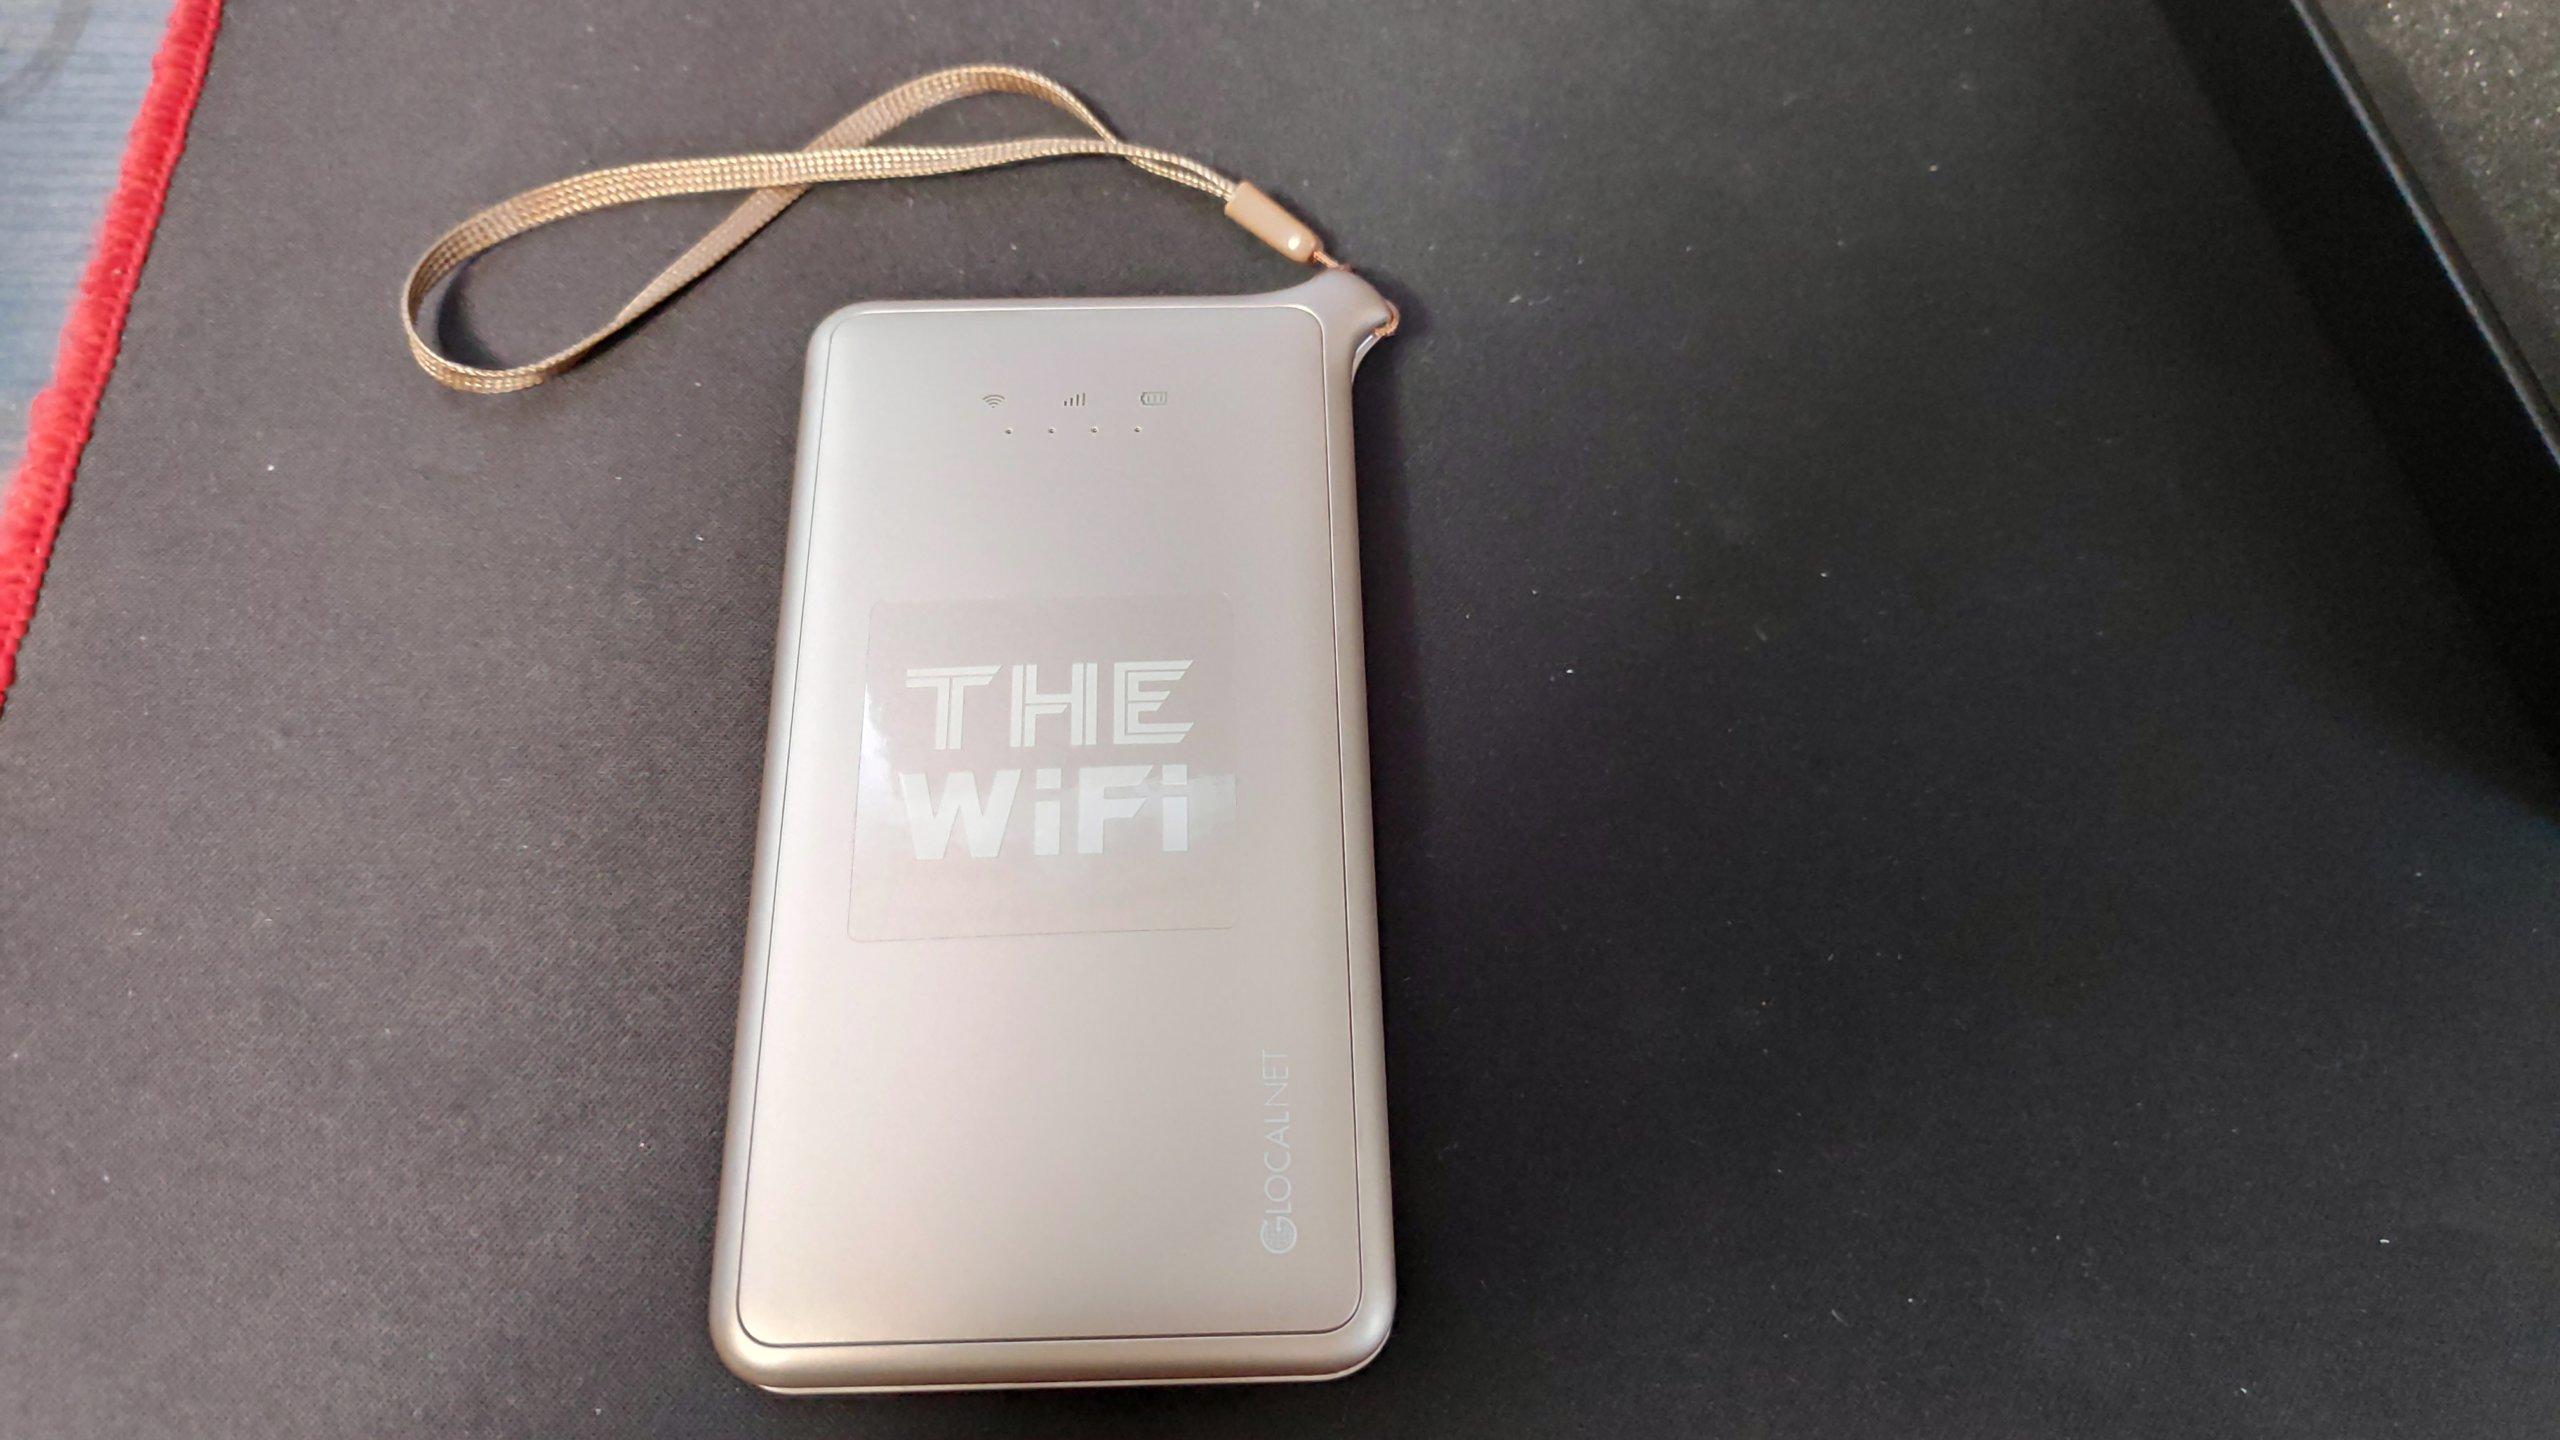 THE Wifiの端末(U2s)